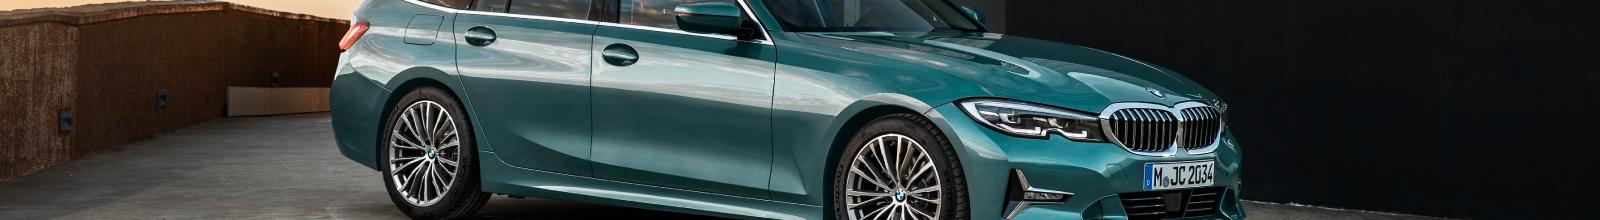 BMW sady kol